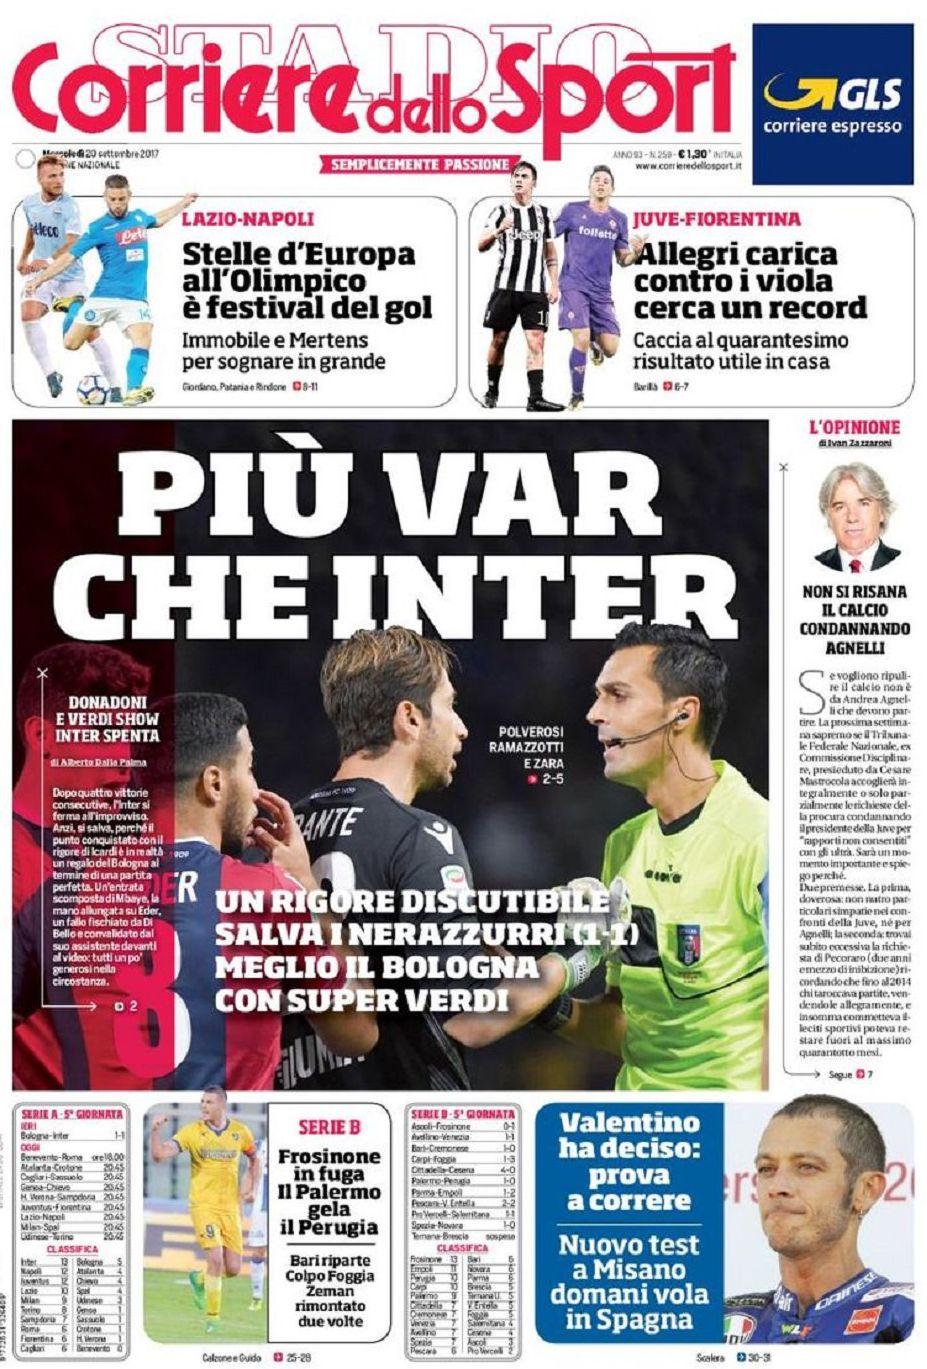 Corriere sport Var Inter